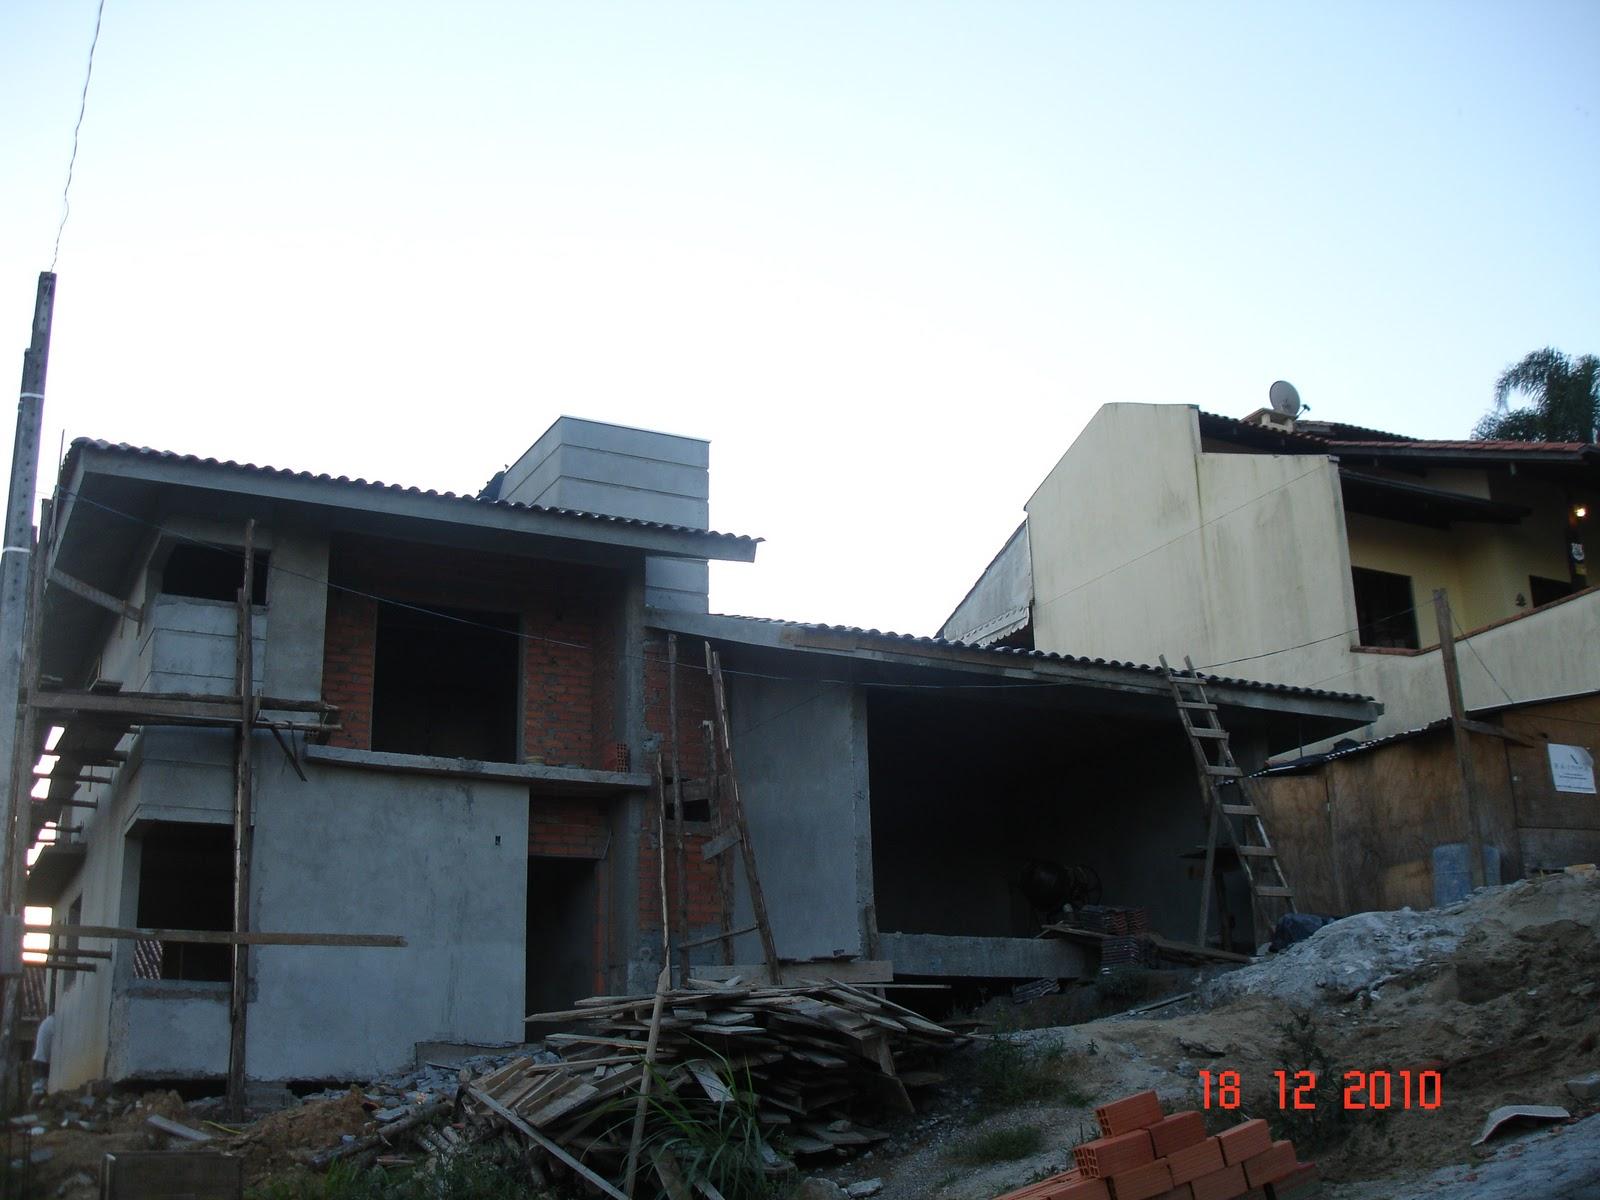 Nossa Casa no Site Construção da fundação ao acabamento: Fotos  #0B8FC0 1600 1200